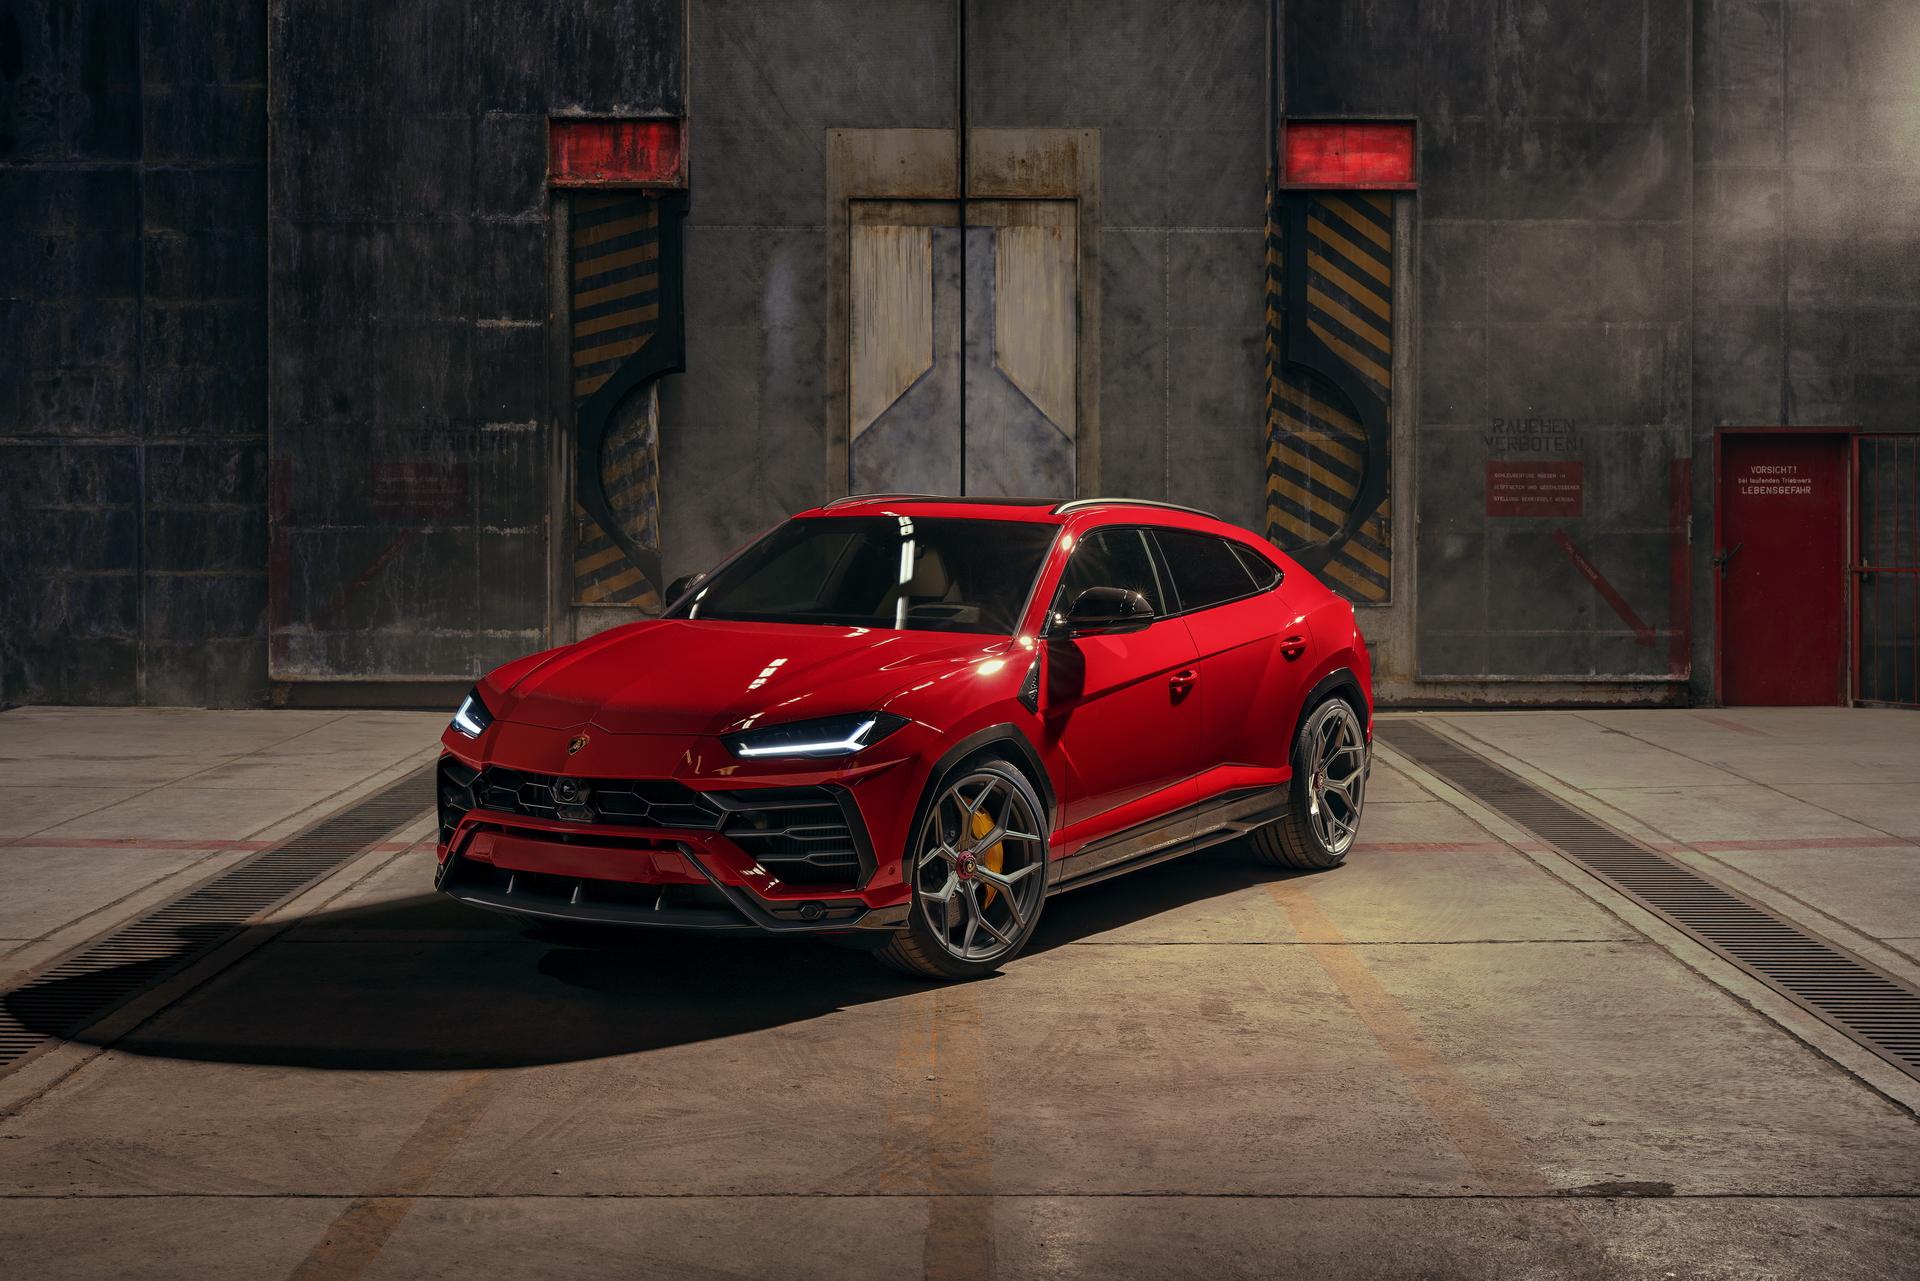 Red Novitec Lamborghini Urus